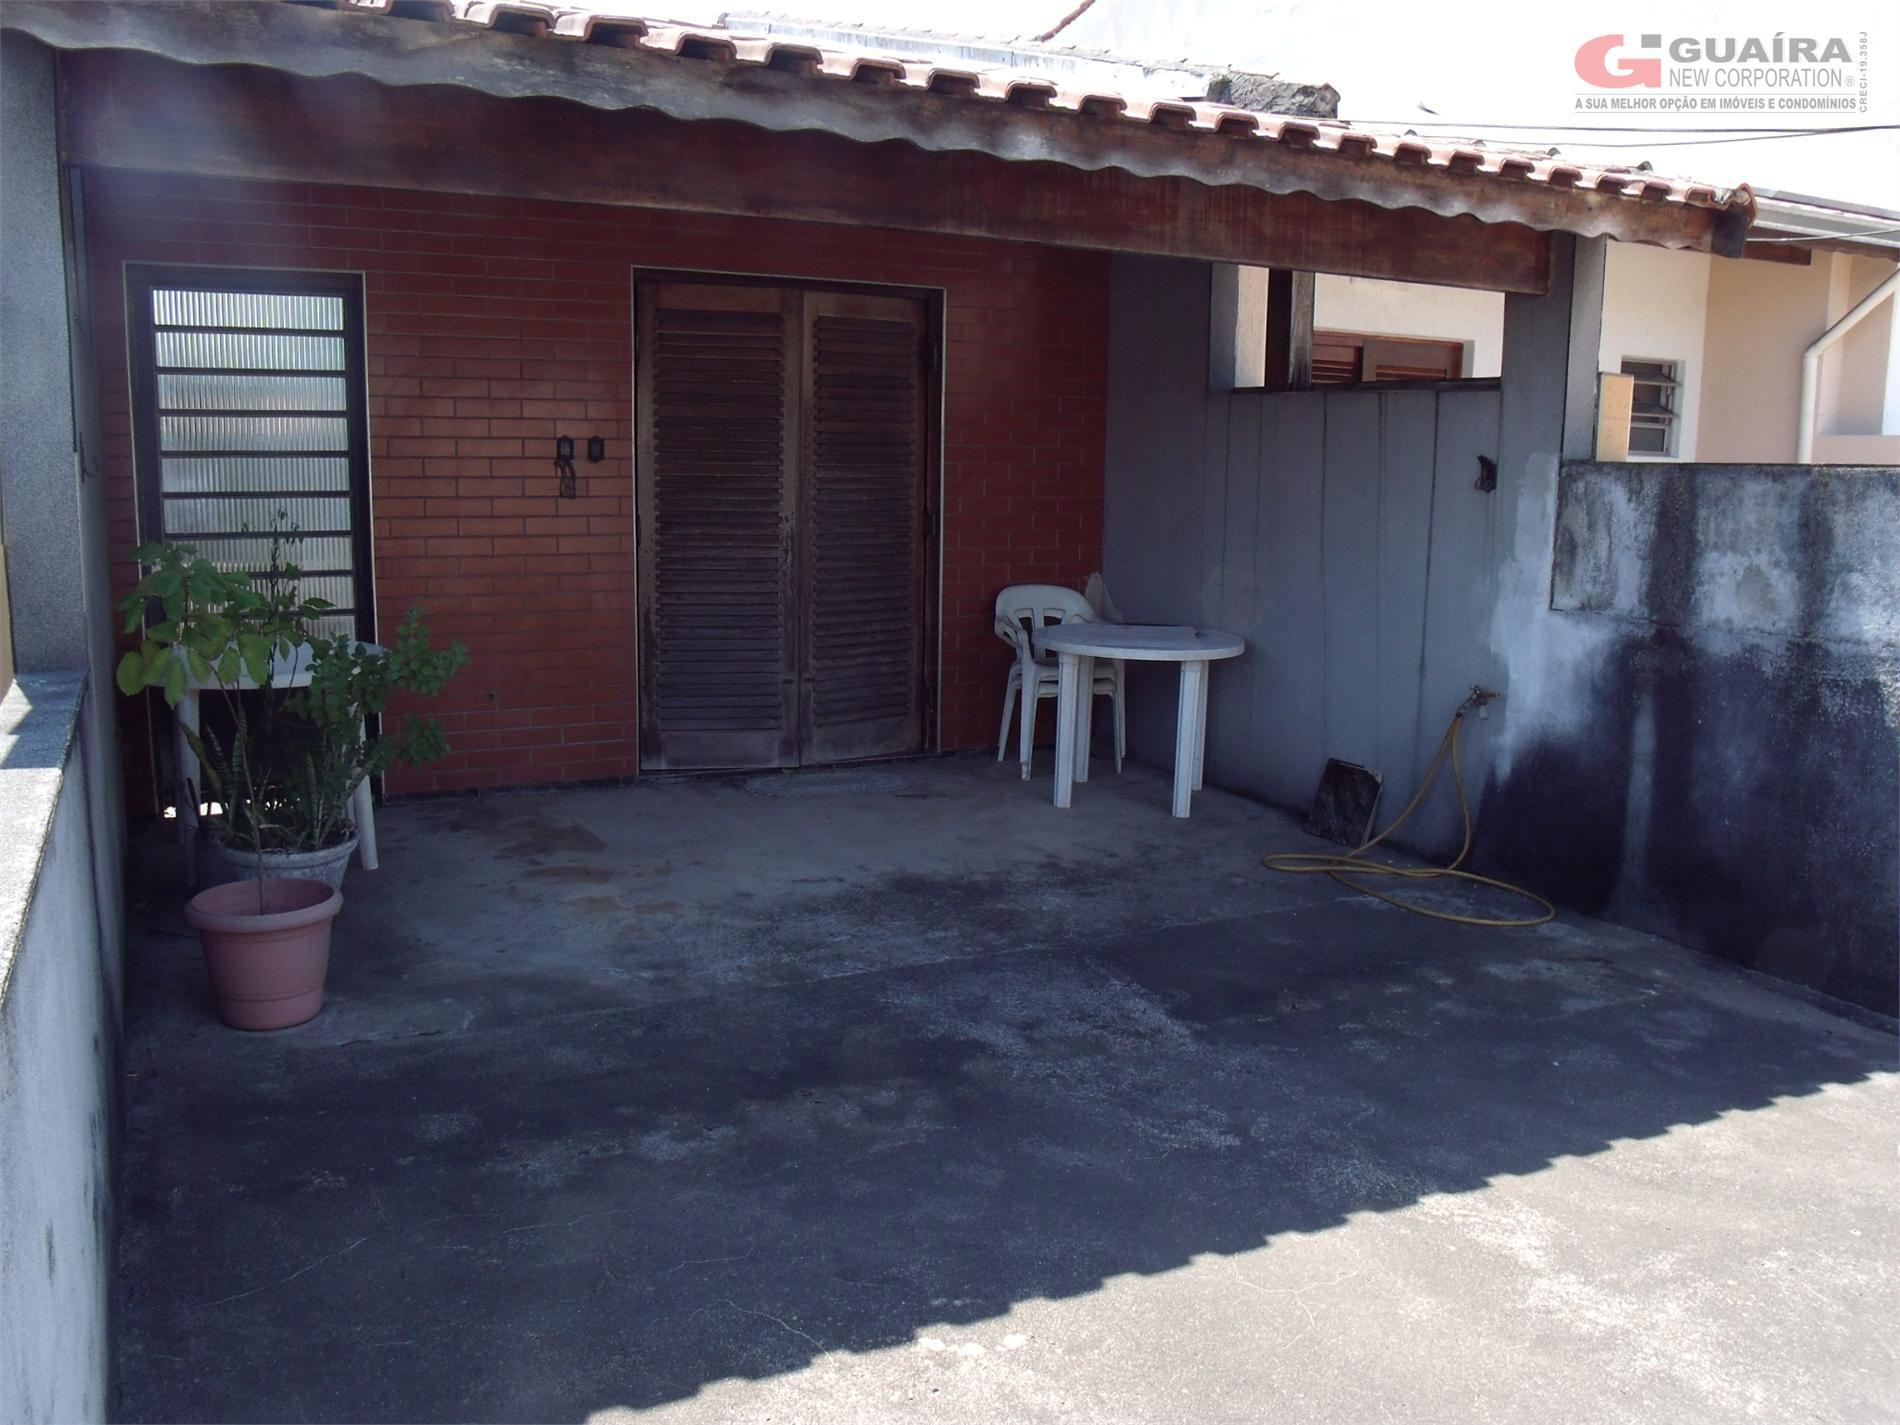 Sobrado de 3 dormitórios à venda em Baeta Neves, São Bernardo Do Campo - SP